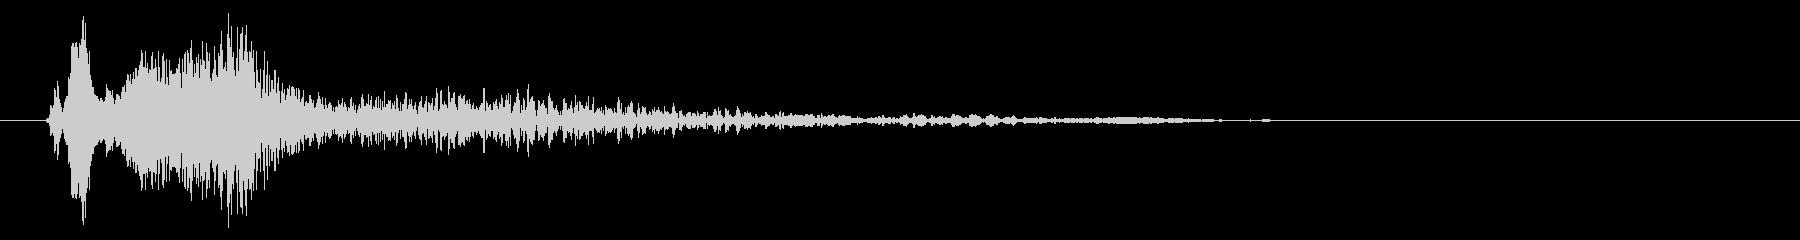 ヒューシュSFスローダウン1の未再生の波形